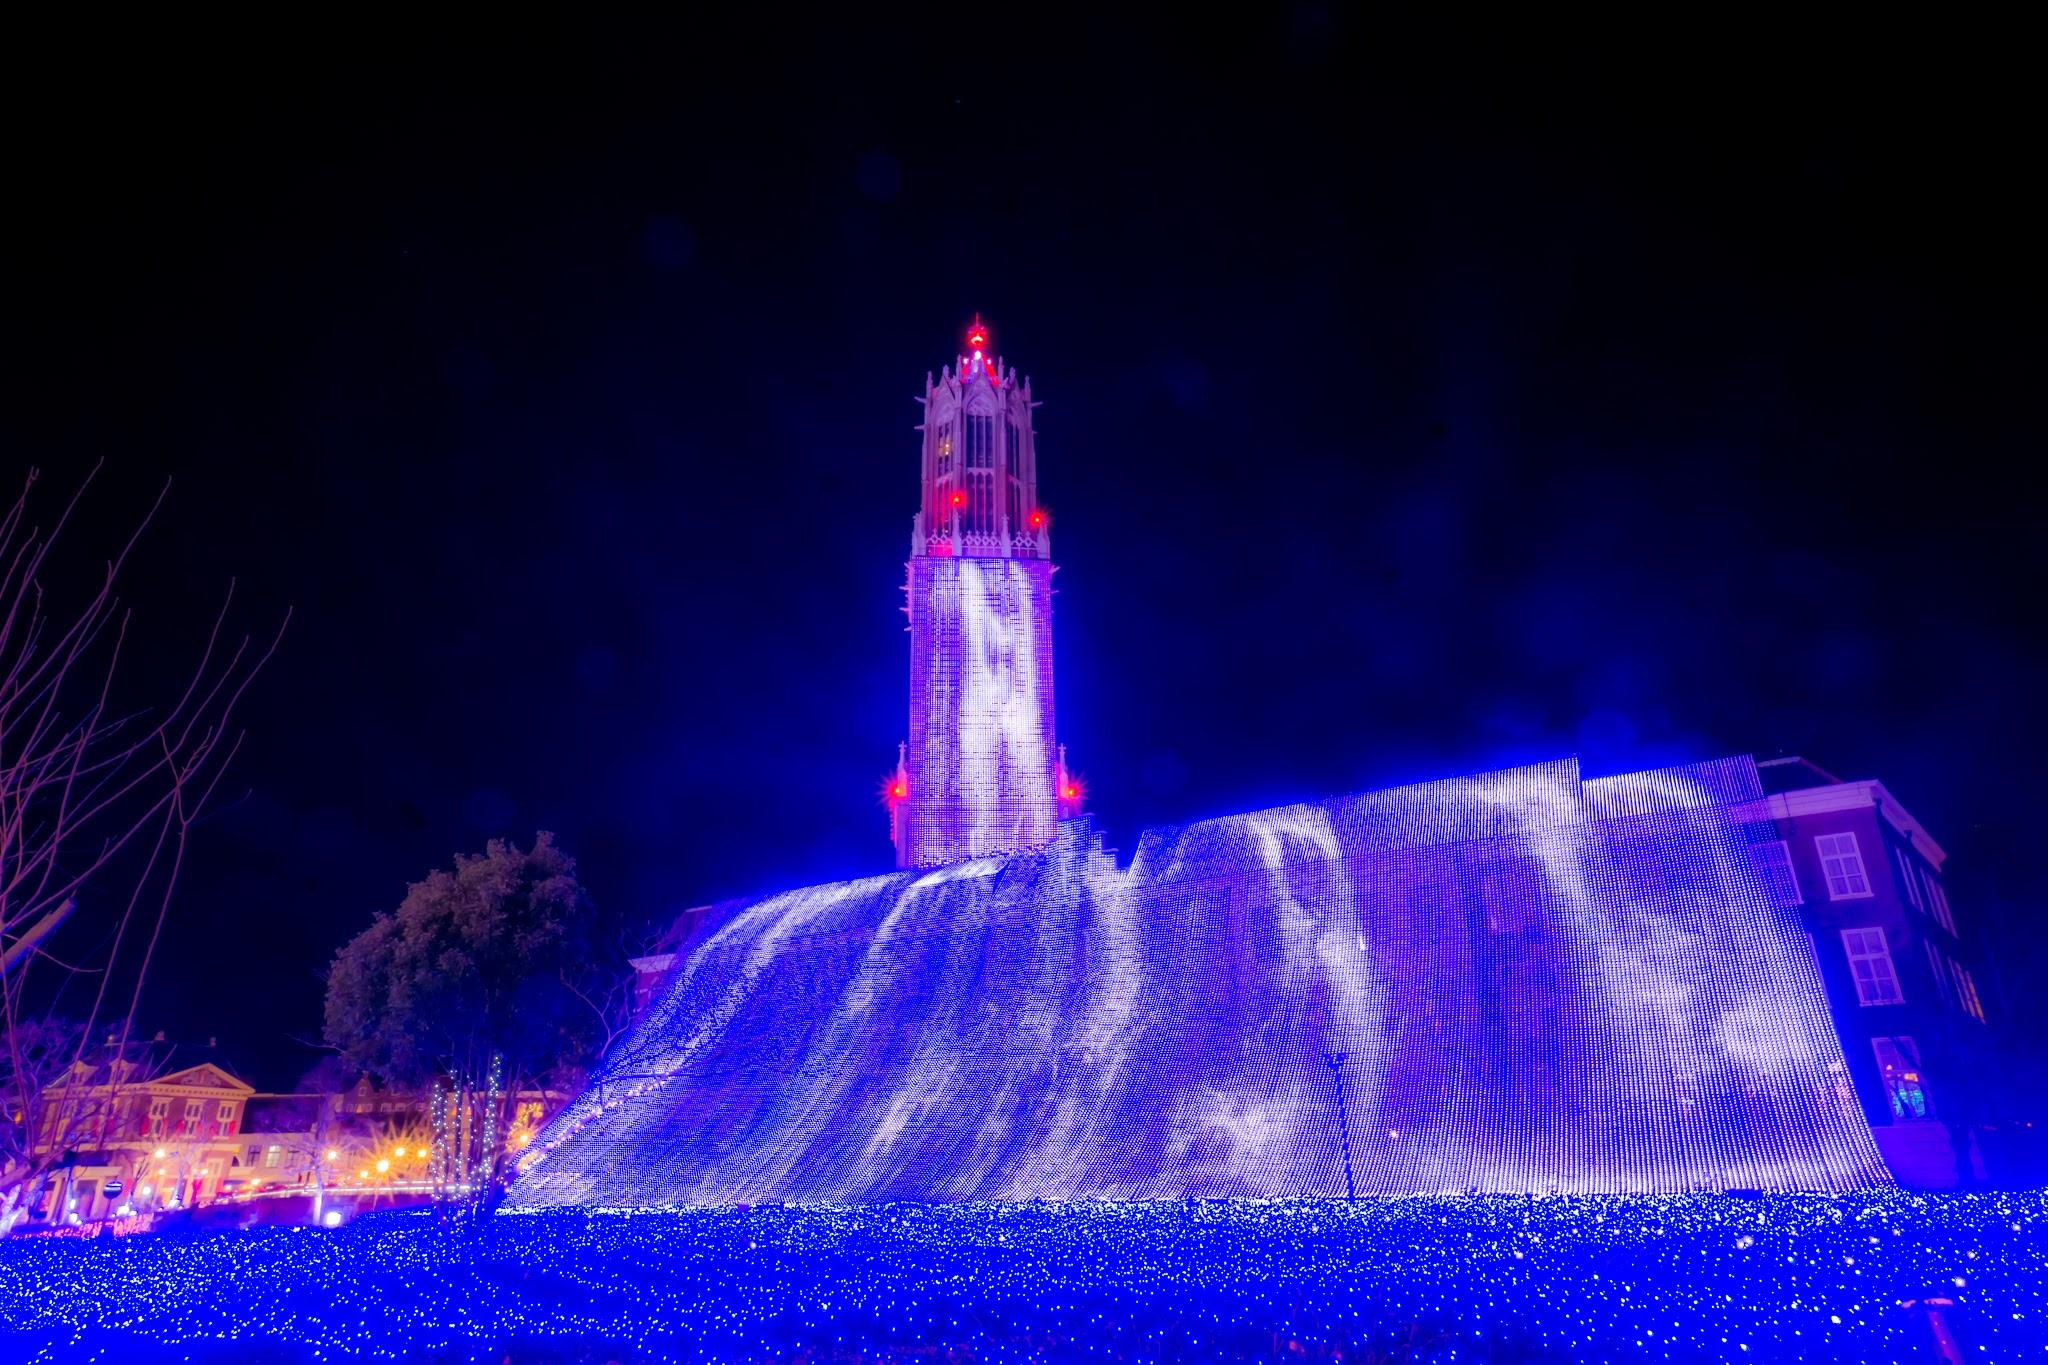 ハウステンボス イルミネーション 光の王国 光の滝1